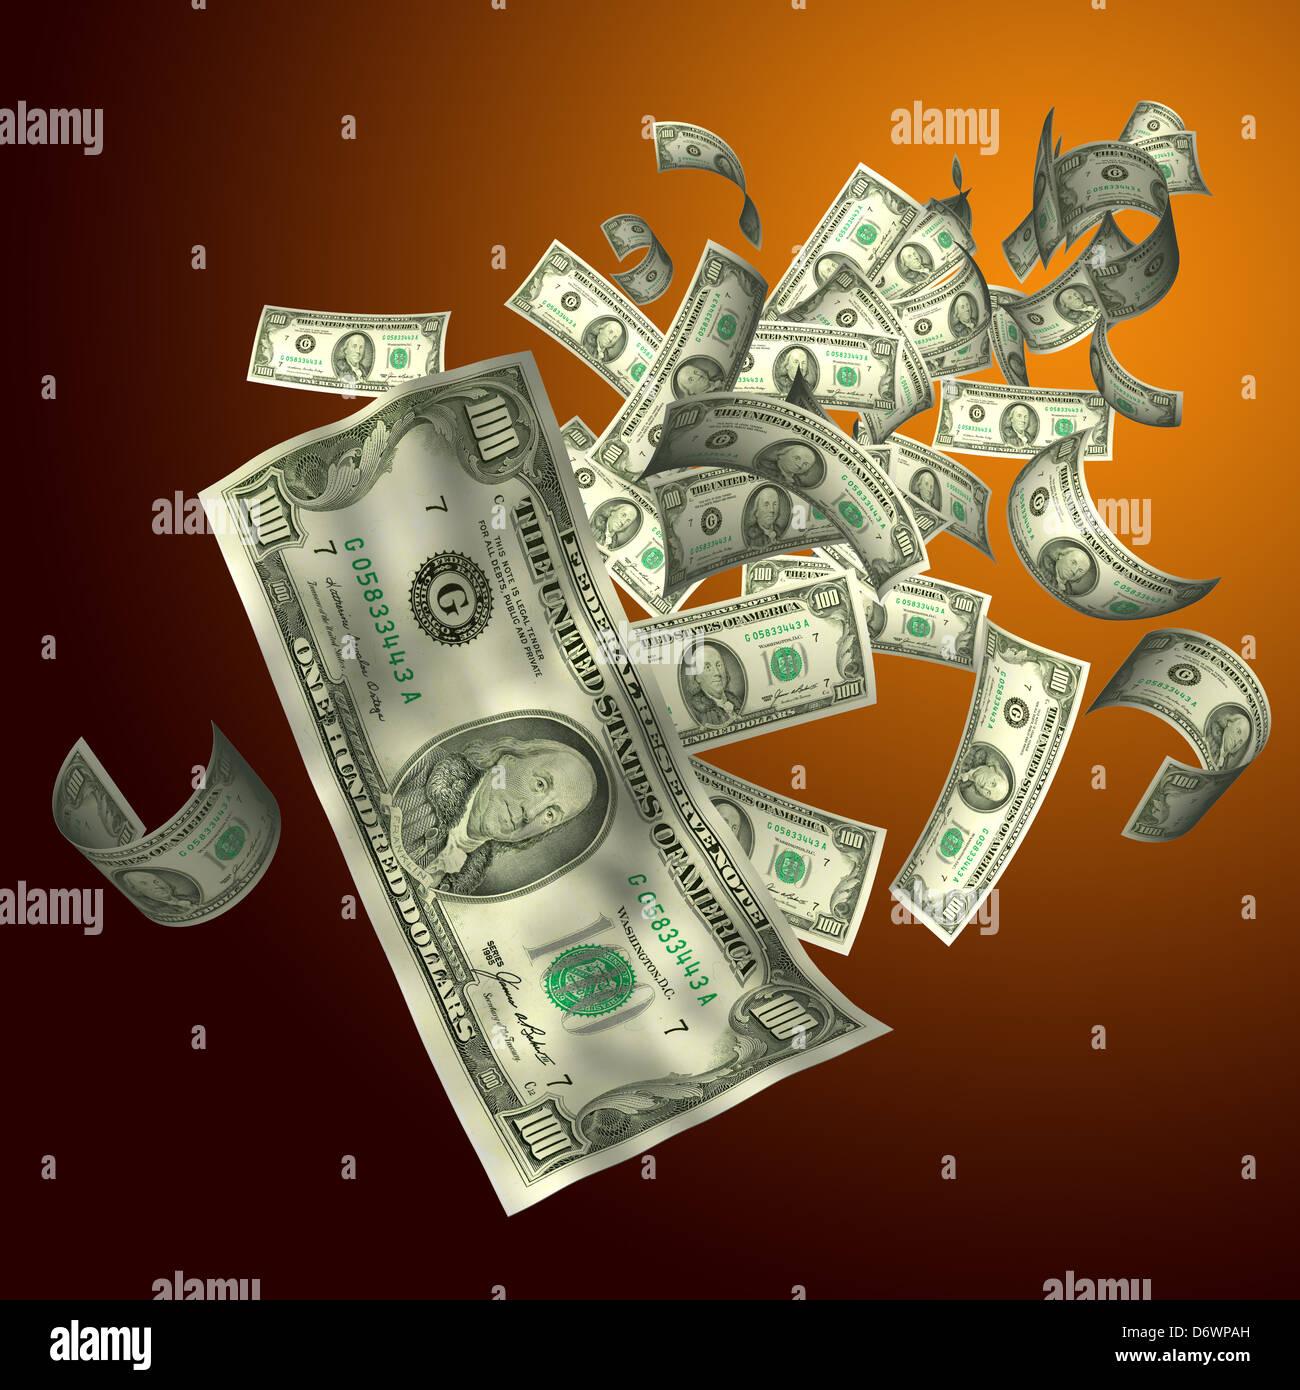 3D-Render fliegen $100 Dollar-Schein Stockfoto, Bild: 55885385 - Alamy